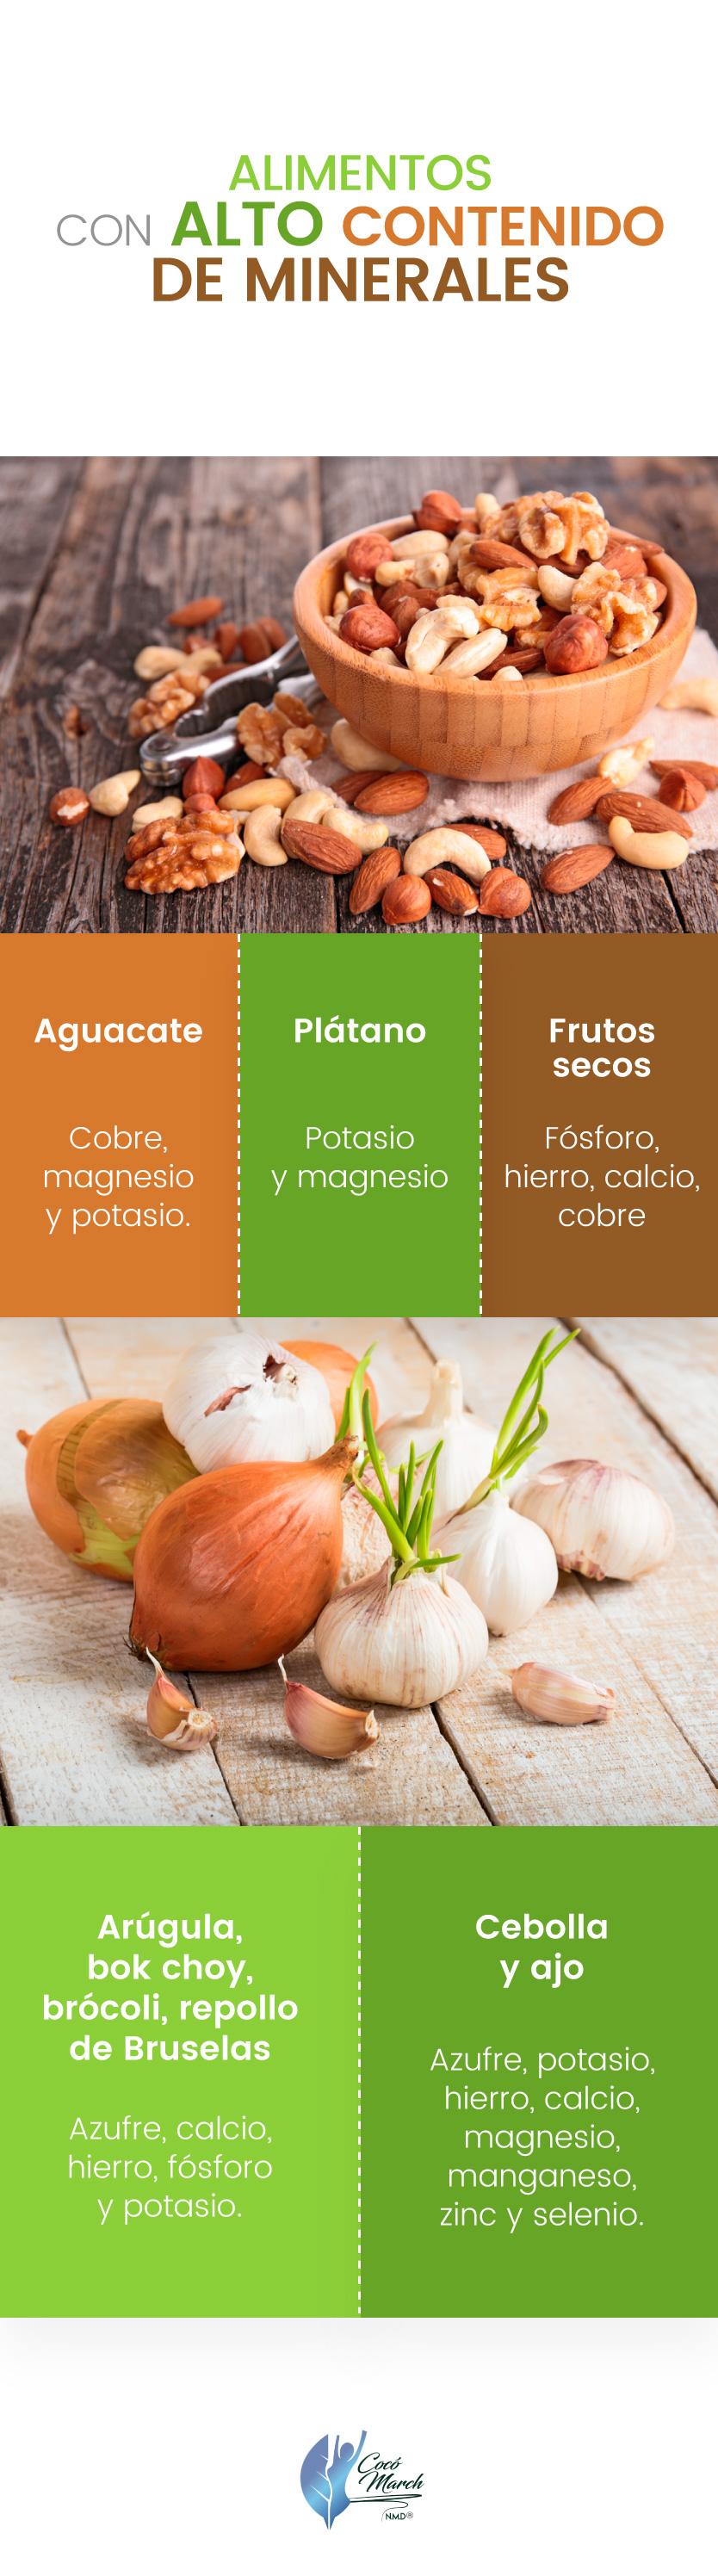 alimentos-con-alto-contenido-de-minerales